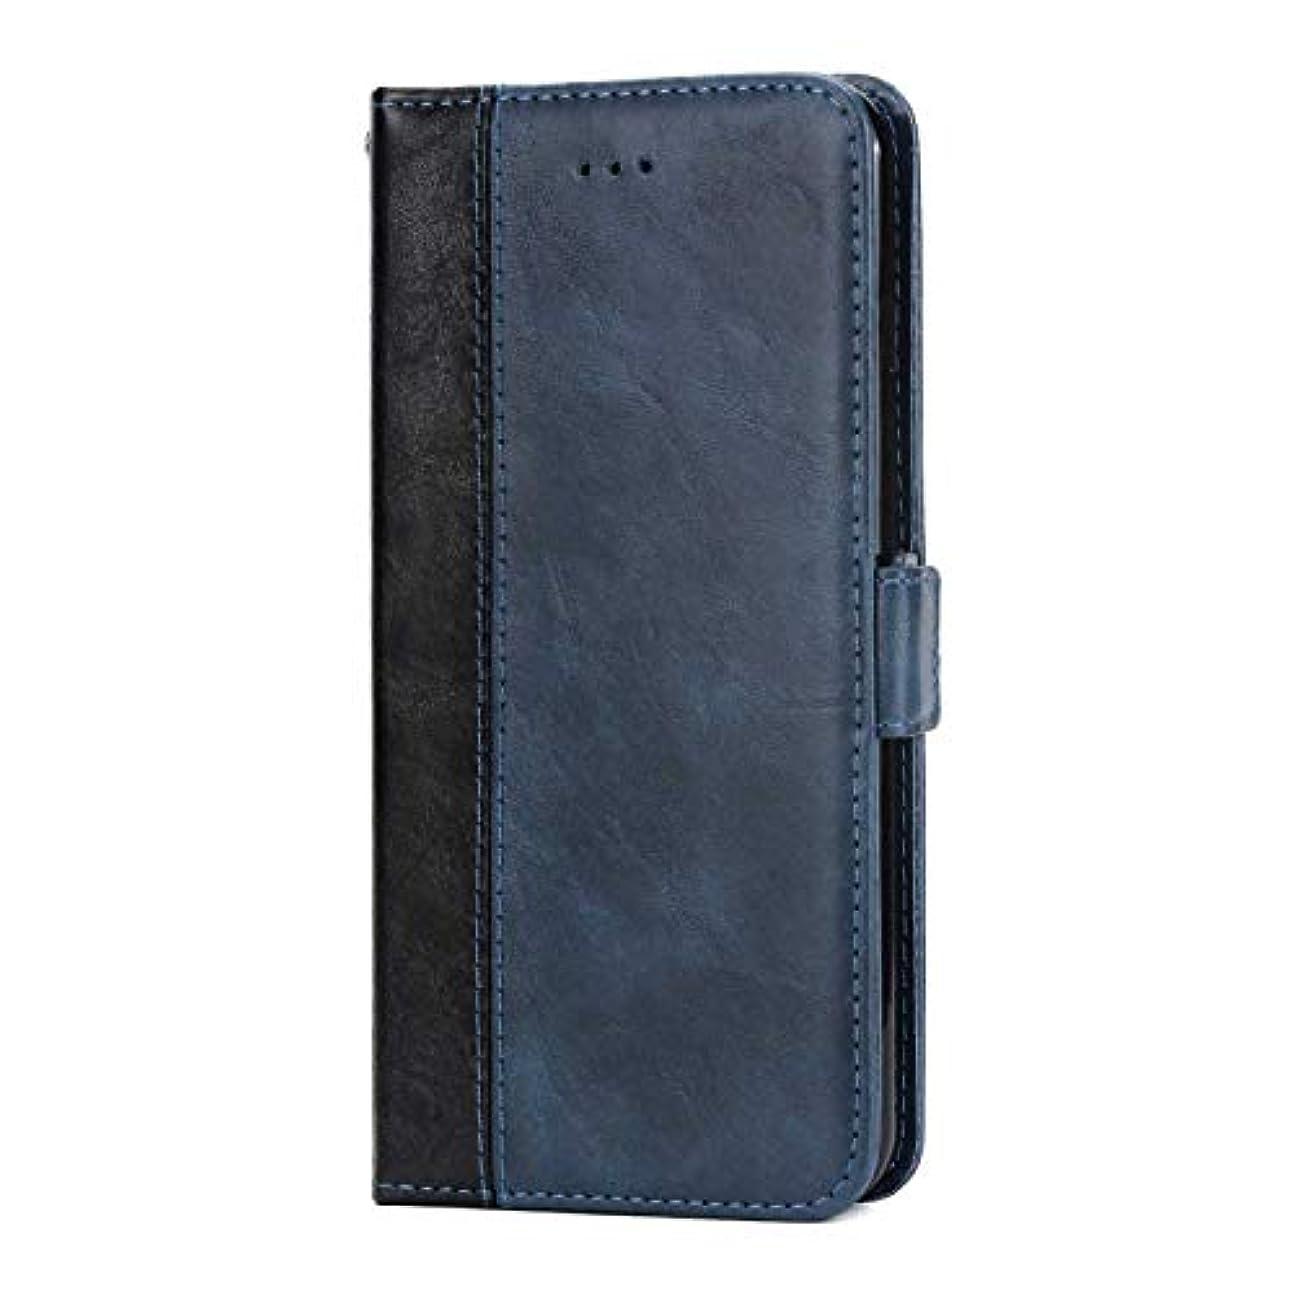 変な男やもめながらOMATENTI Huawei P20 Pro 手帳ケース マグネット式 カバー Huawei P20 Pro 高級PUレザー カードポケット スタンド機能 薄型 スマホケース(3-ブルー)